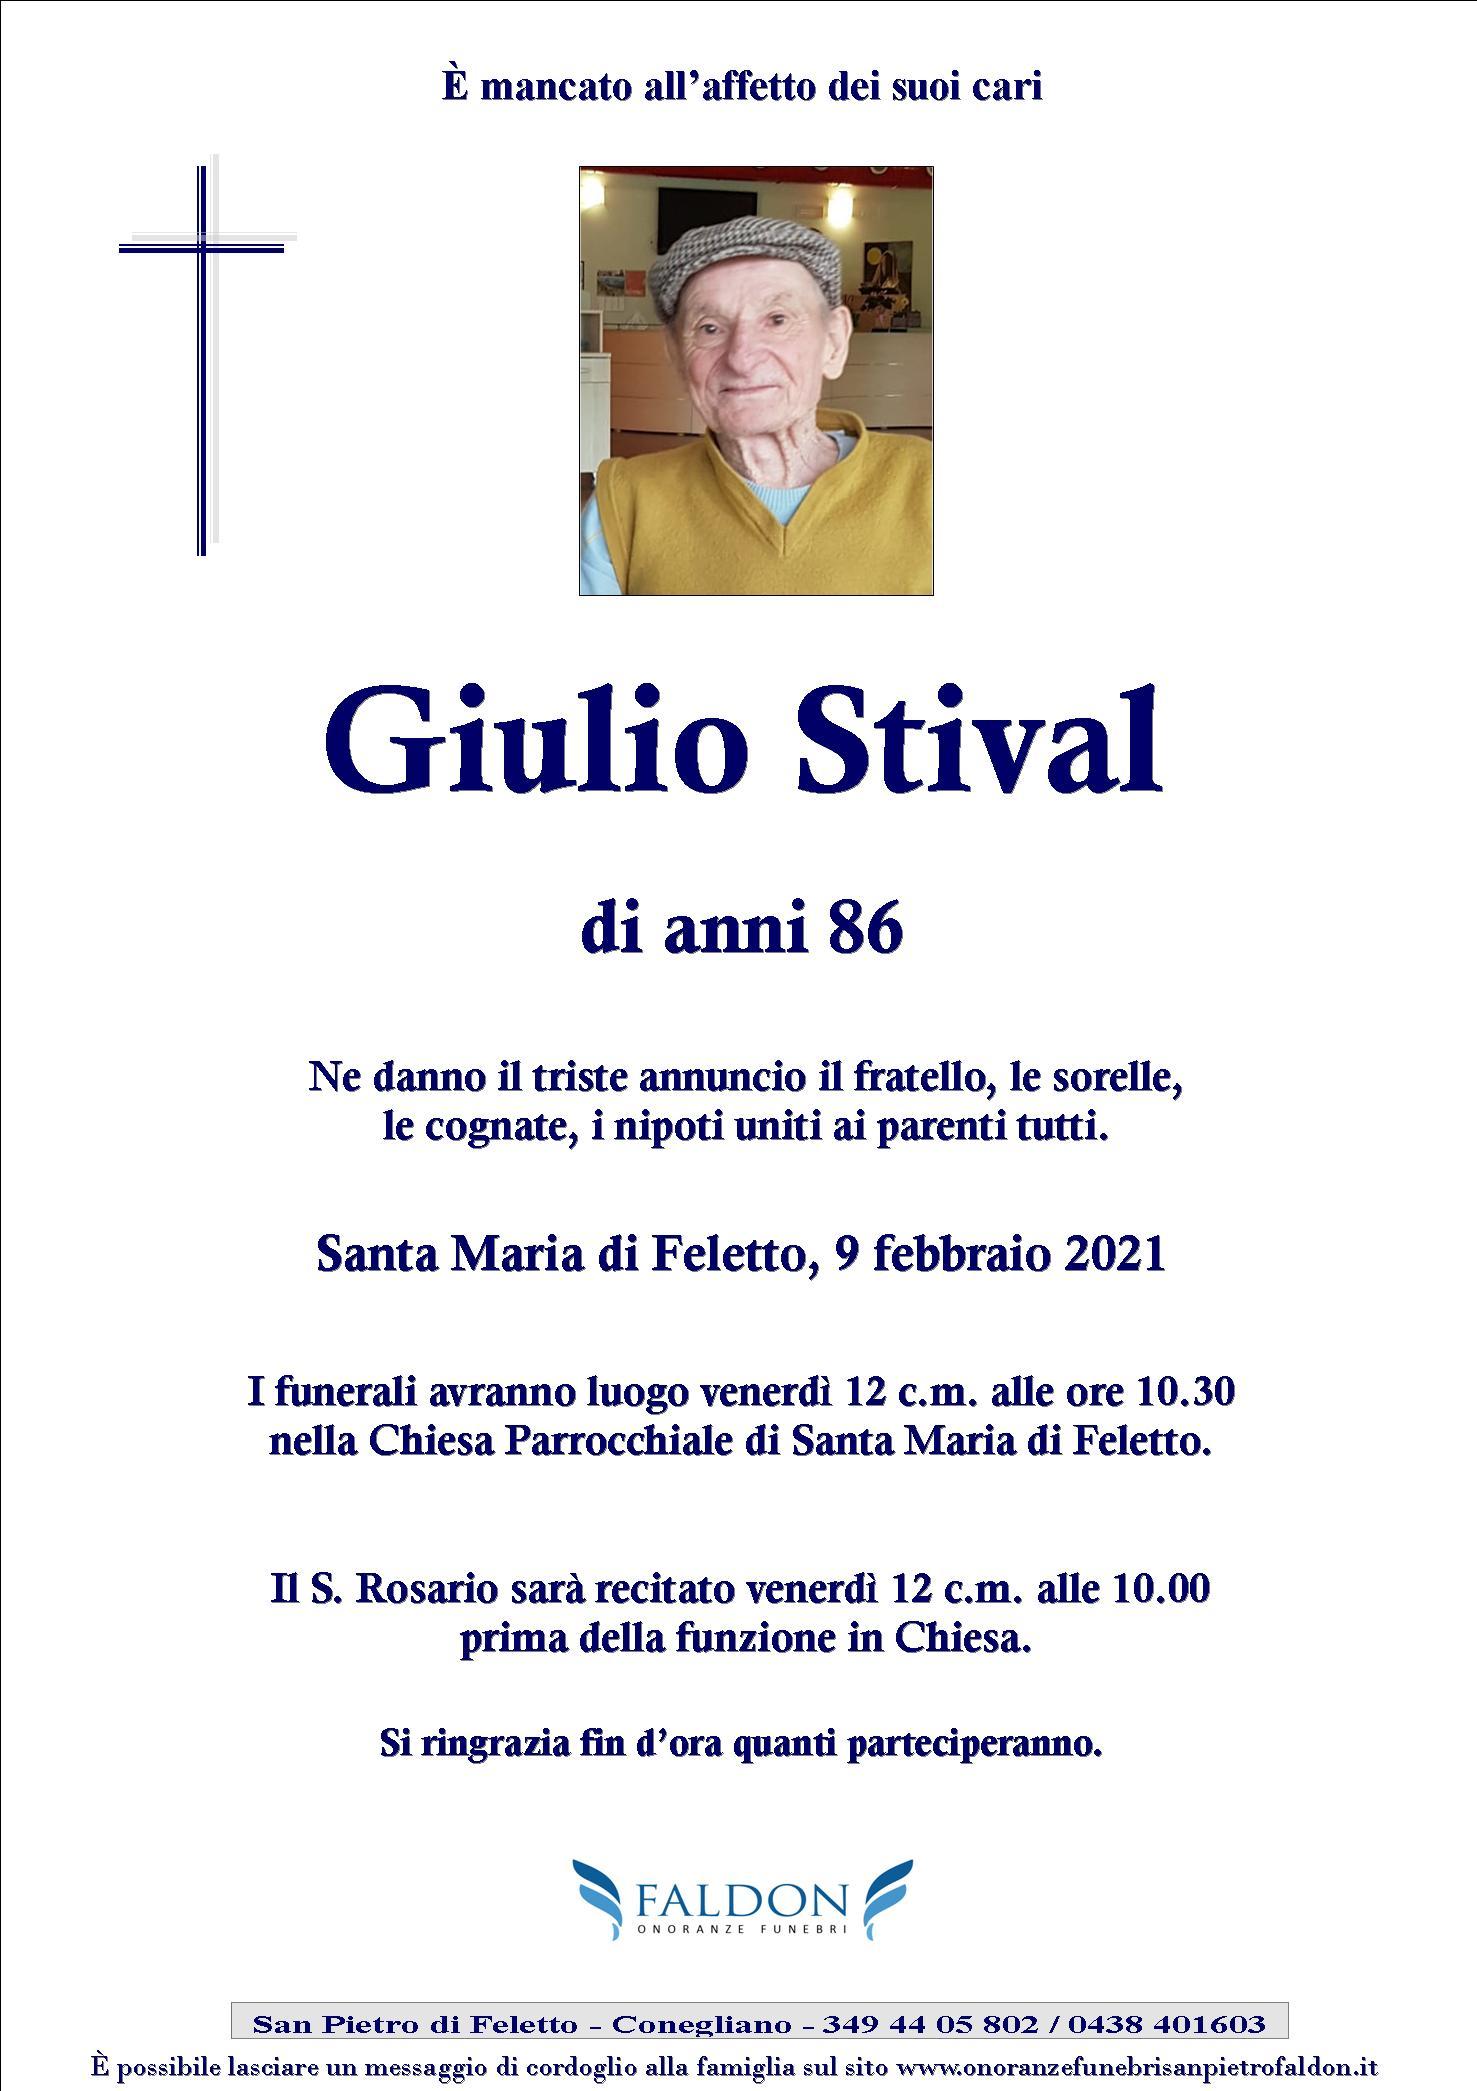 Giulio Stival